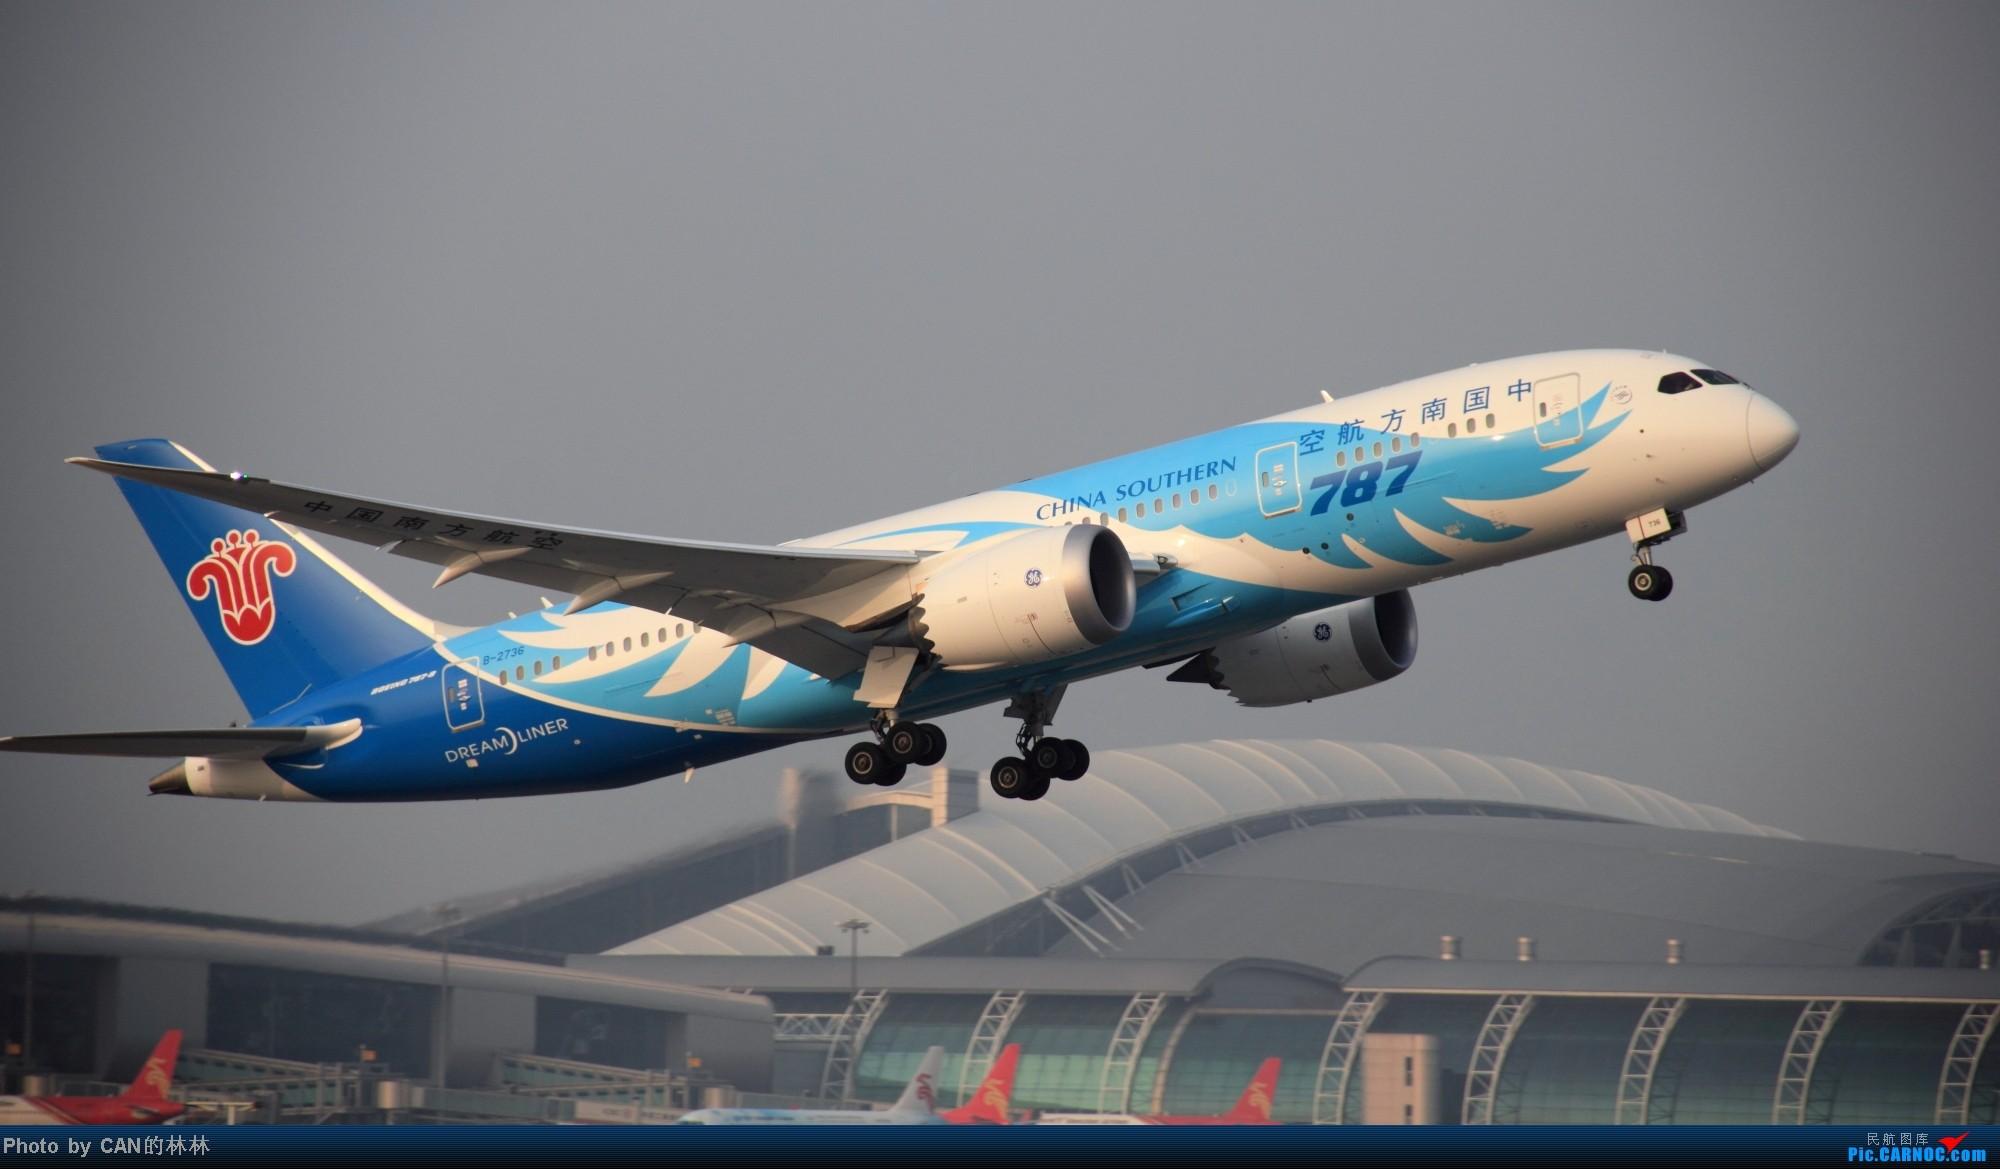 [原创]首发贴,CAN的东跑,早上好! BOEING 787-8 B-2736 中国广州白云机场